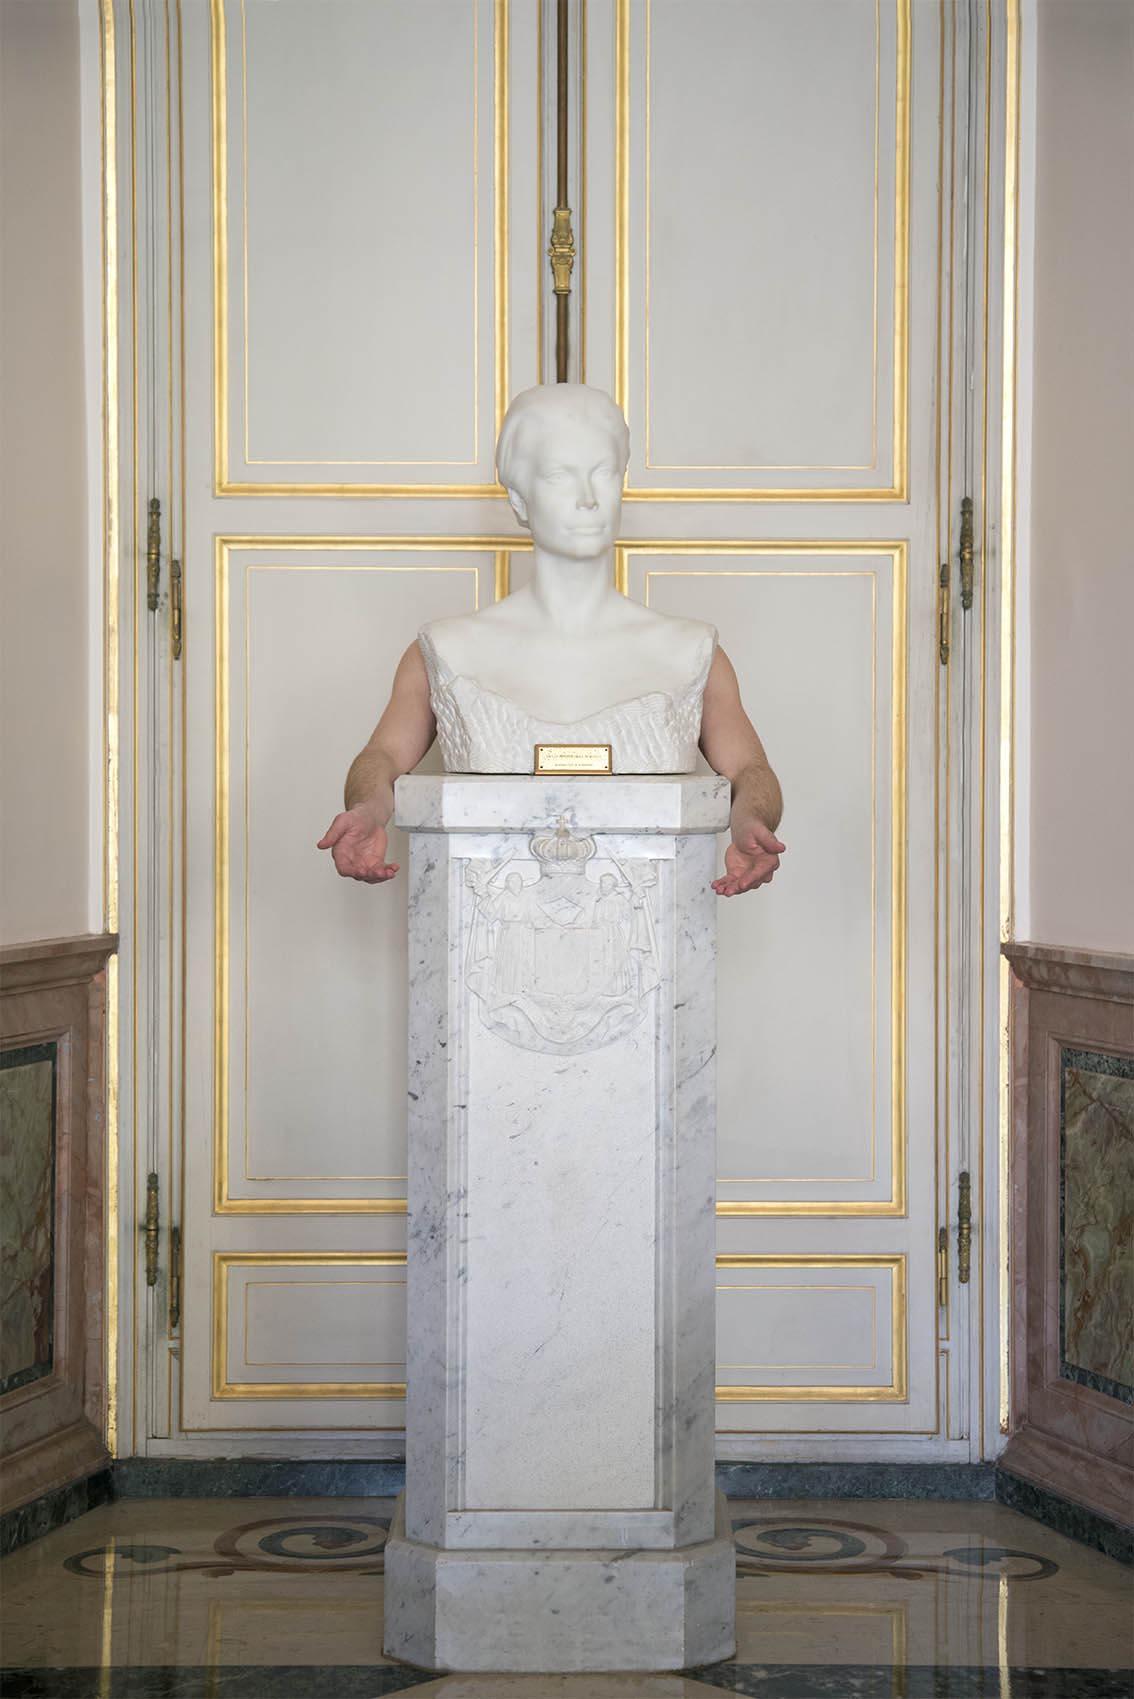 Buste en marbre blanc de la Princesse Grace par Cyril de la Patellière, Julien. Palais Princier de Monaco. 2018